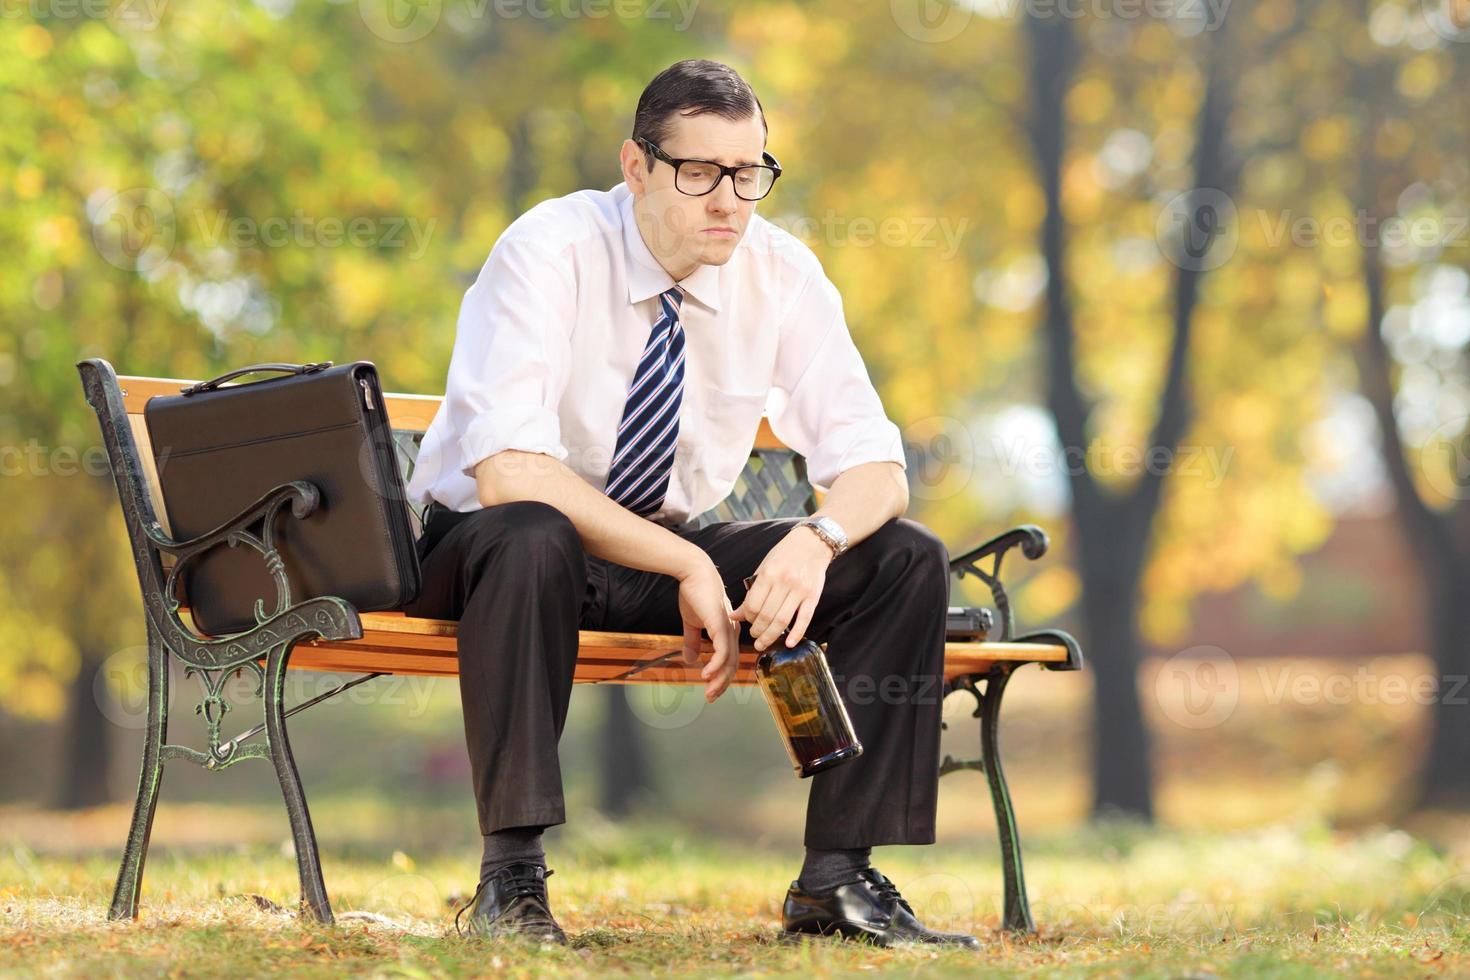 homme d'affaires déçu assis sur un banc en bois, dans le parc photo